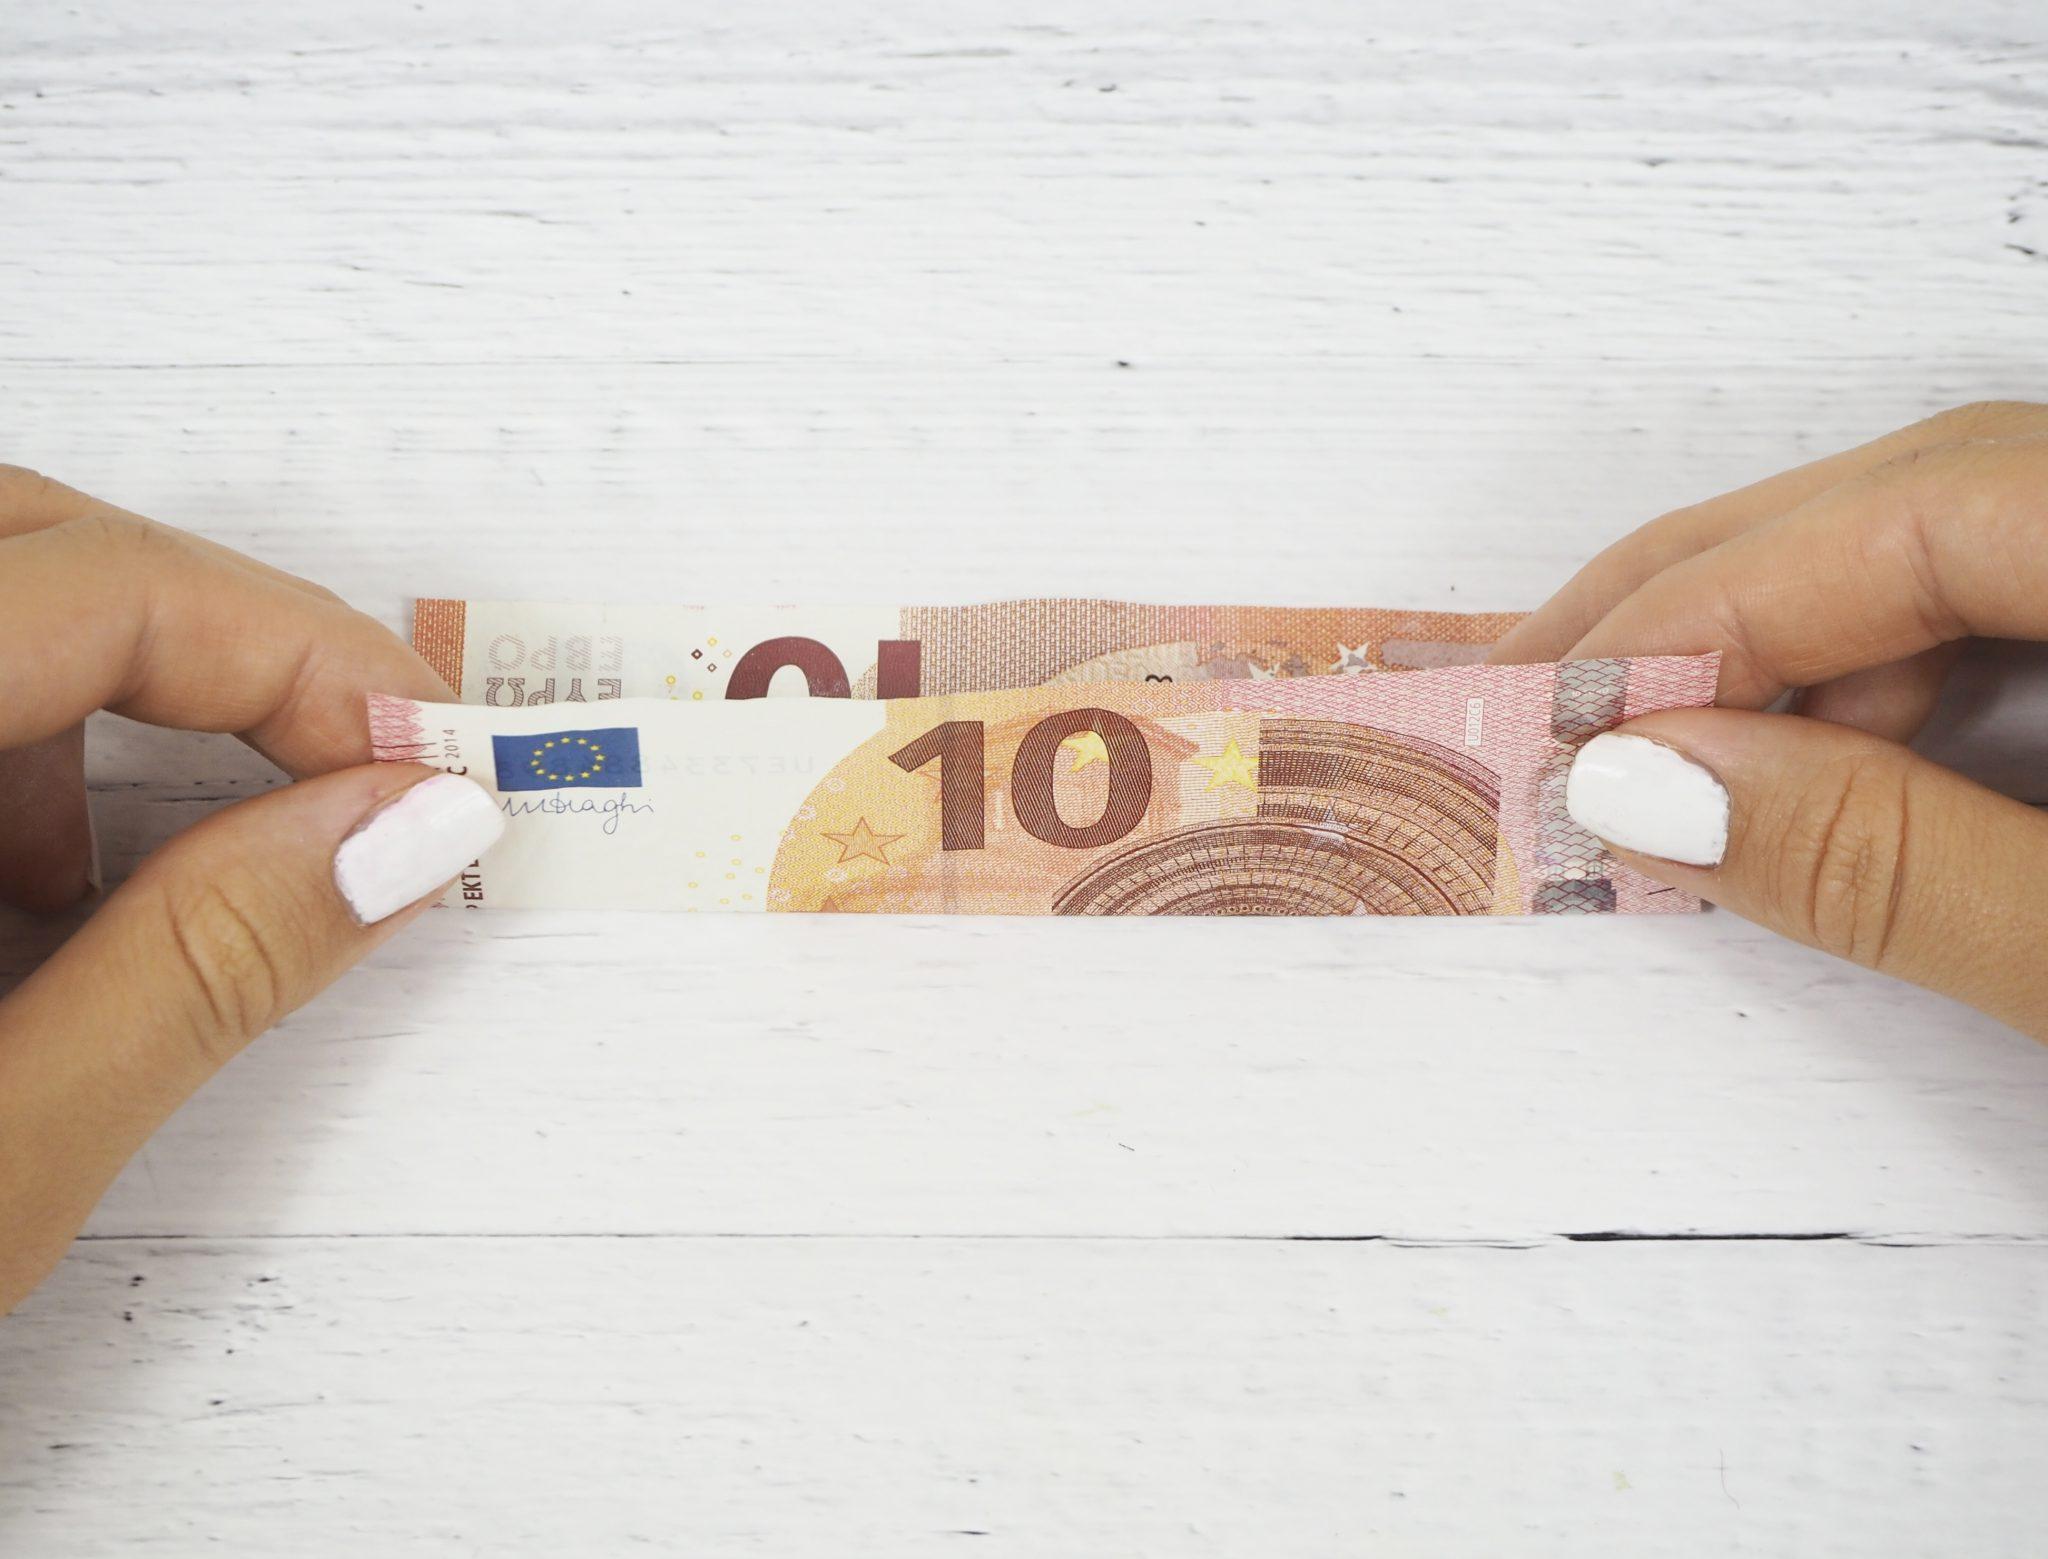 P8080437bearb - Geldgeschenk basteln: So faltest Du Herzen aus Geldscheinen